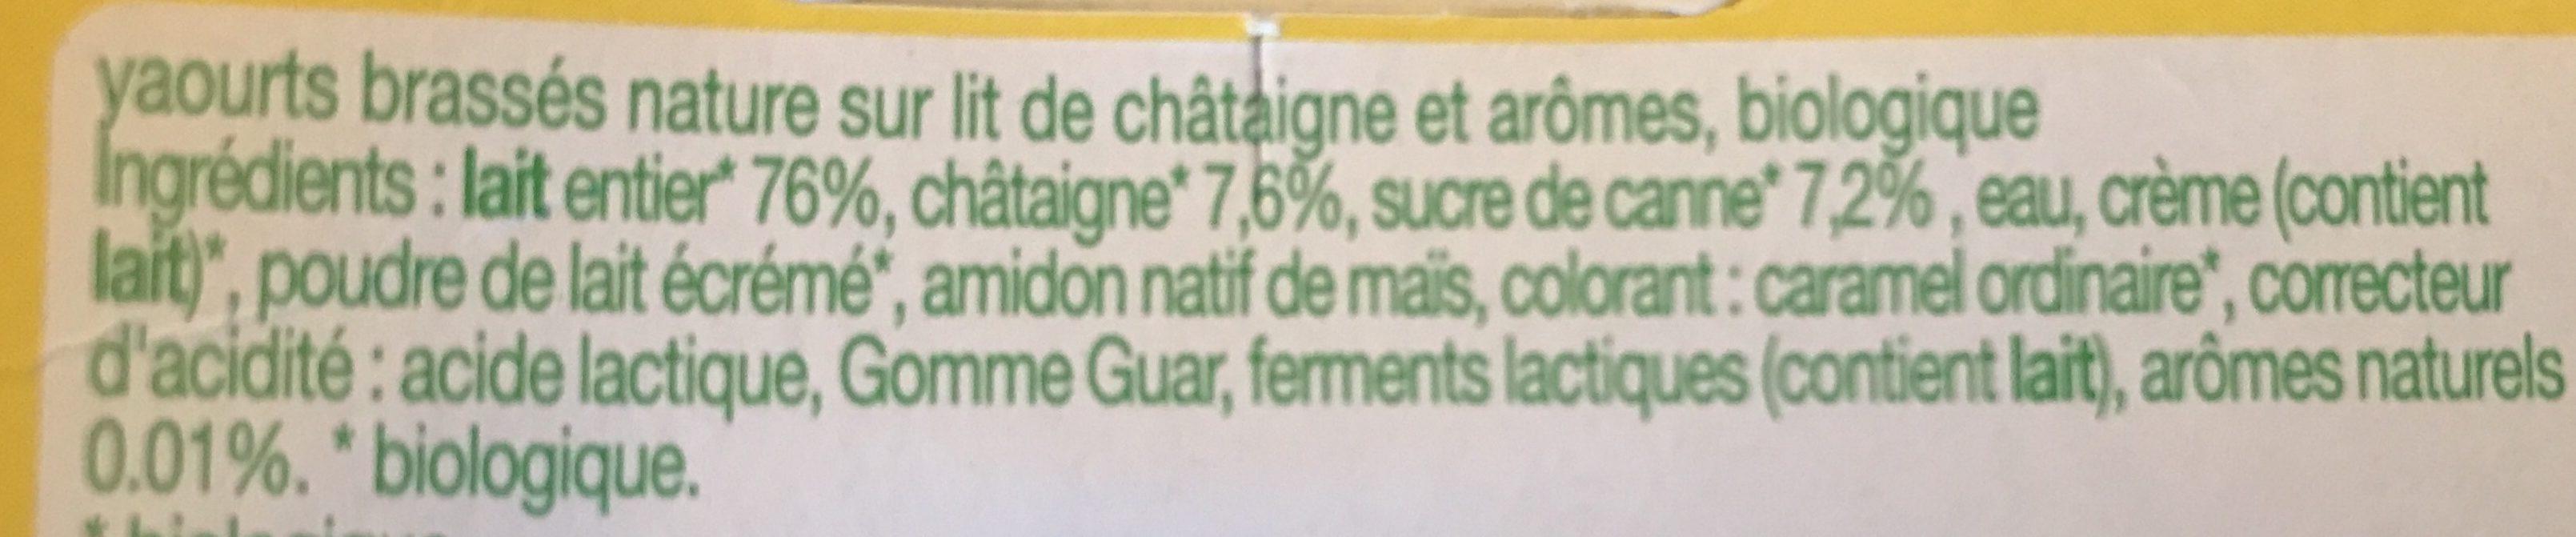 Yaourt sur Lit de Châtaigne - Ingredients